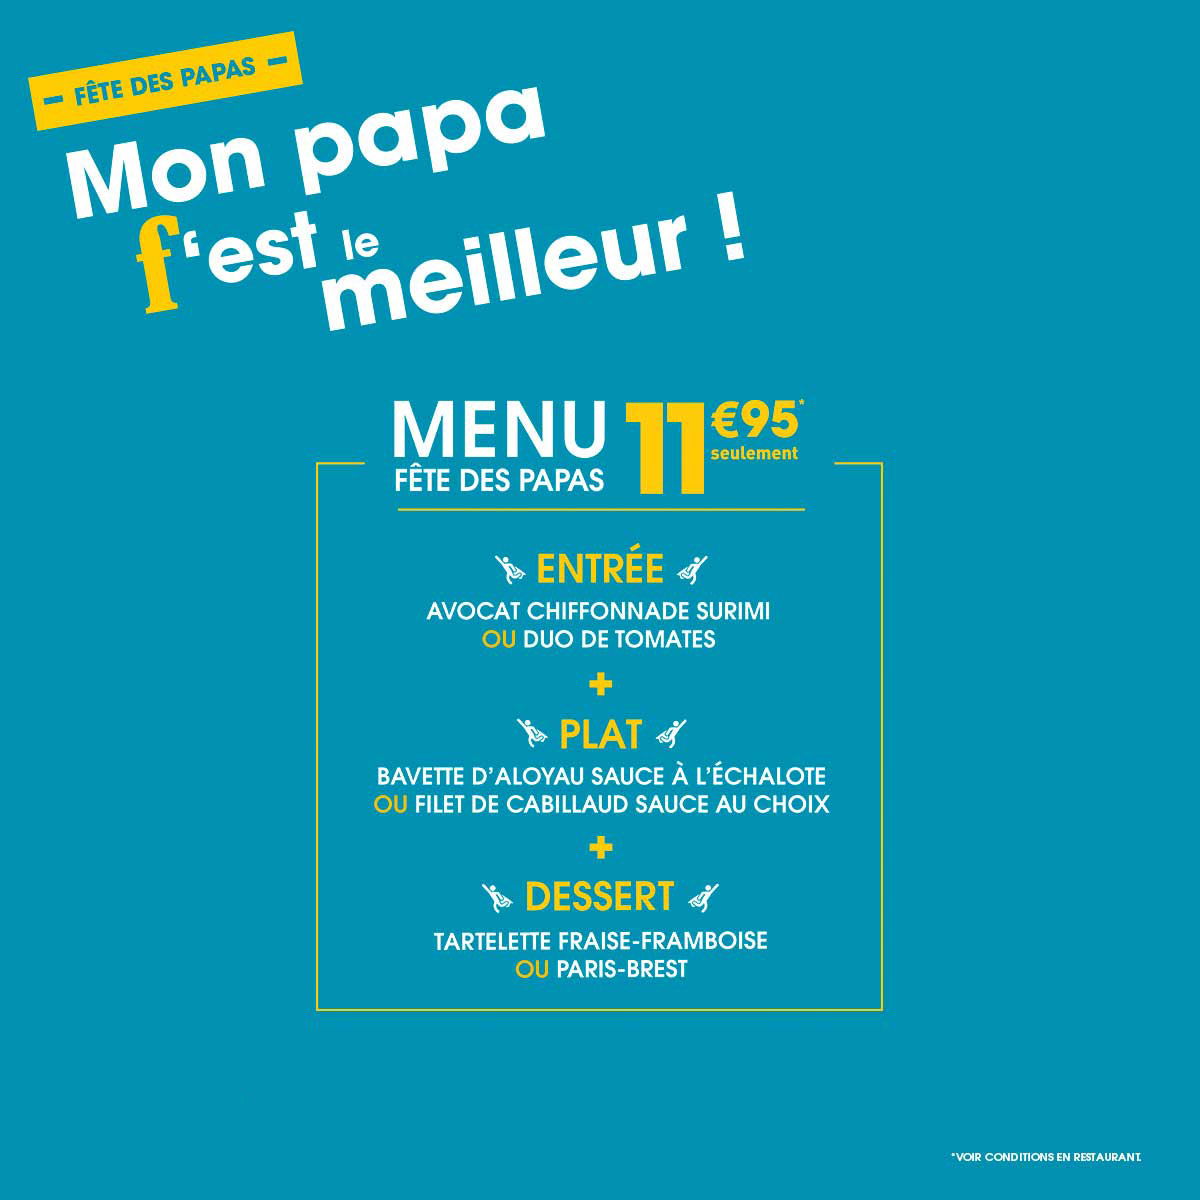 menu de fête des pères flunch 2017